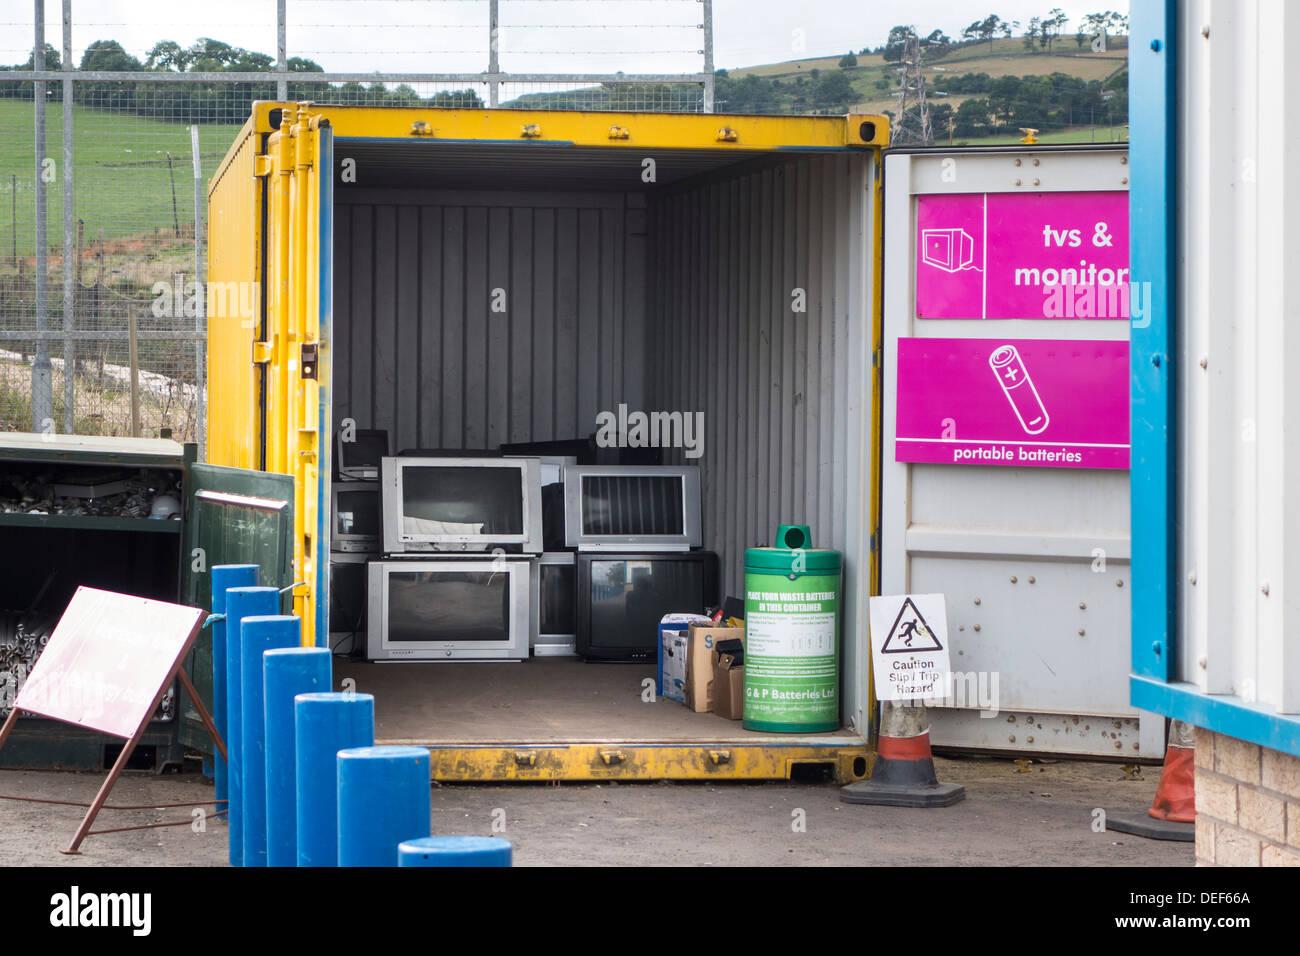 Reciclaje - TV televisores antiguos vertido en un depósito de desechos, Escocia Imagen De Stock